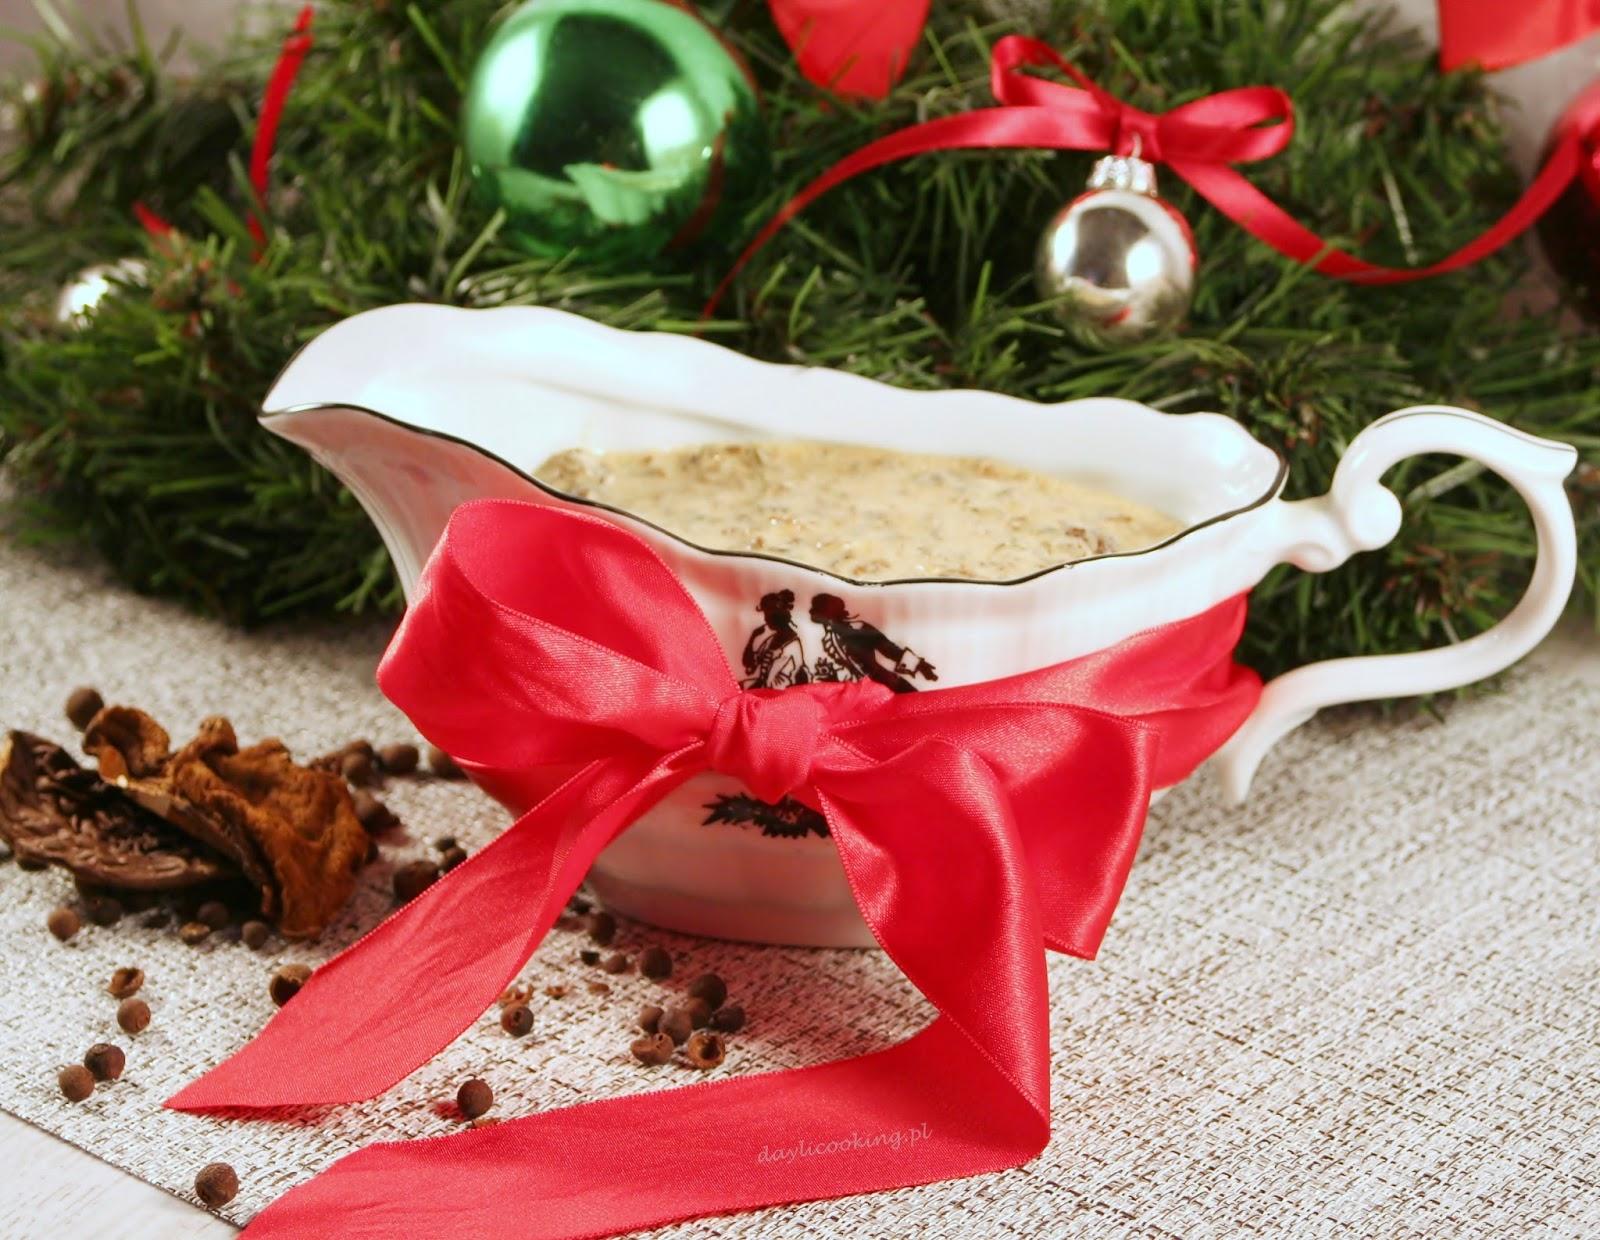 Boże Narodzenie, przepis na sos grzybowy, jak zrobić sos z grzybów na święta